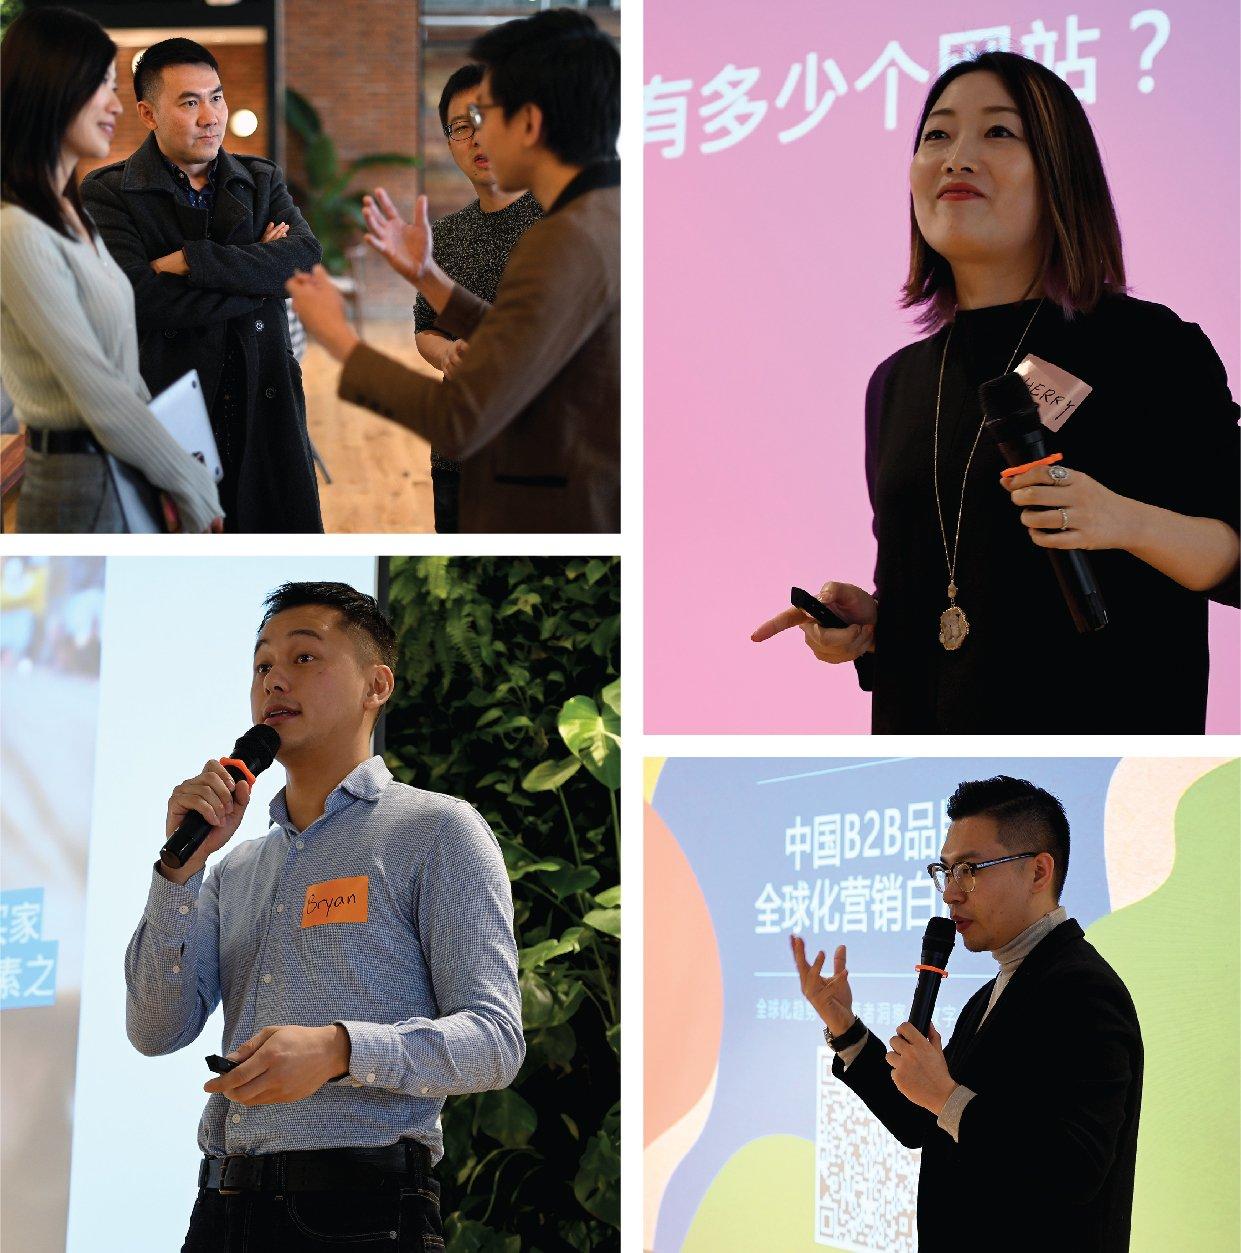 VM_shanghai_event_inbound_hubspot2